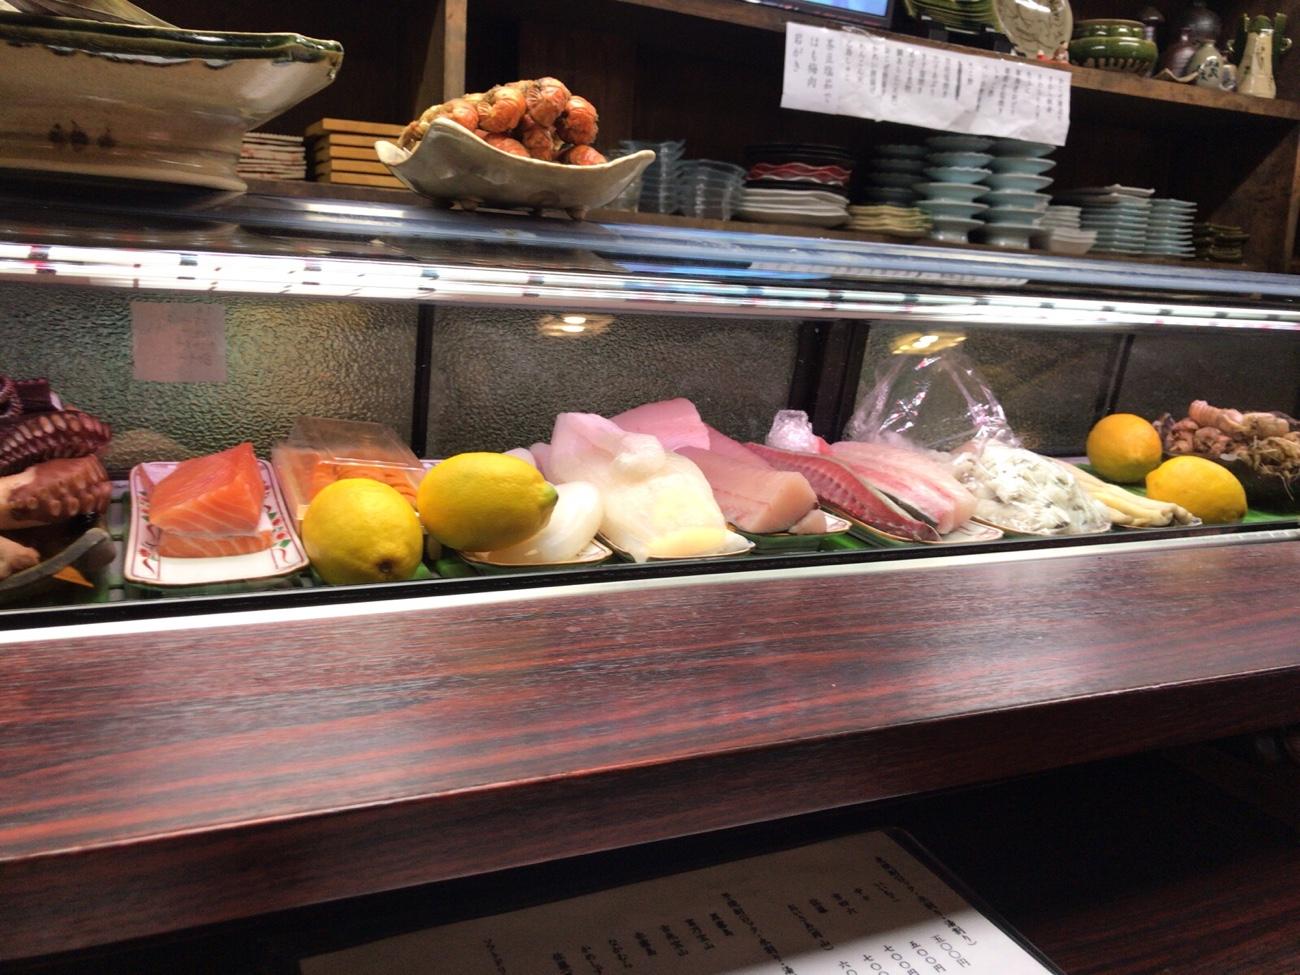 倉敷名物の魚が並ぶ冷蔵ケース 倉敷グルメブログ